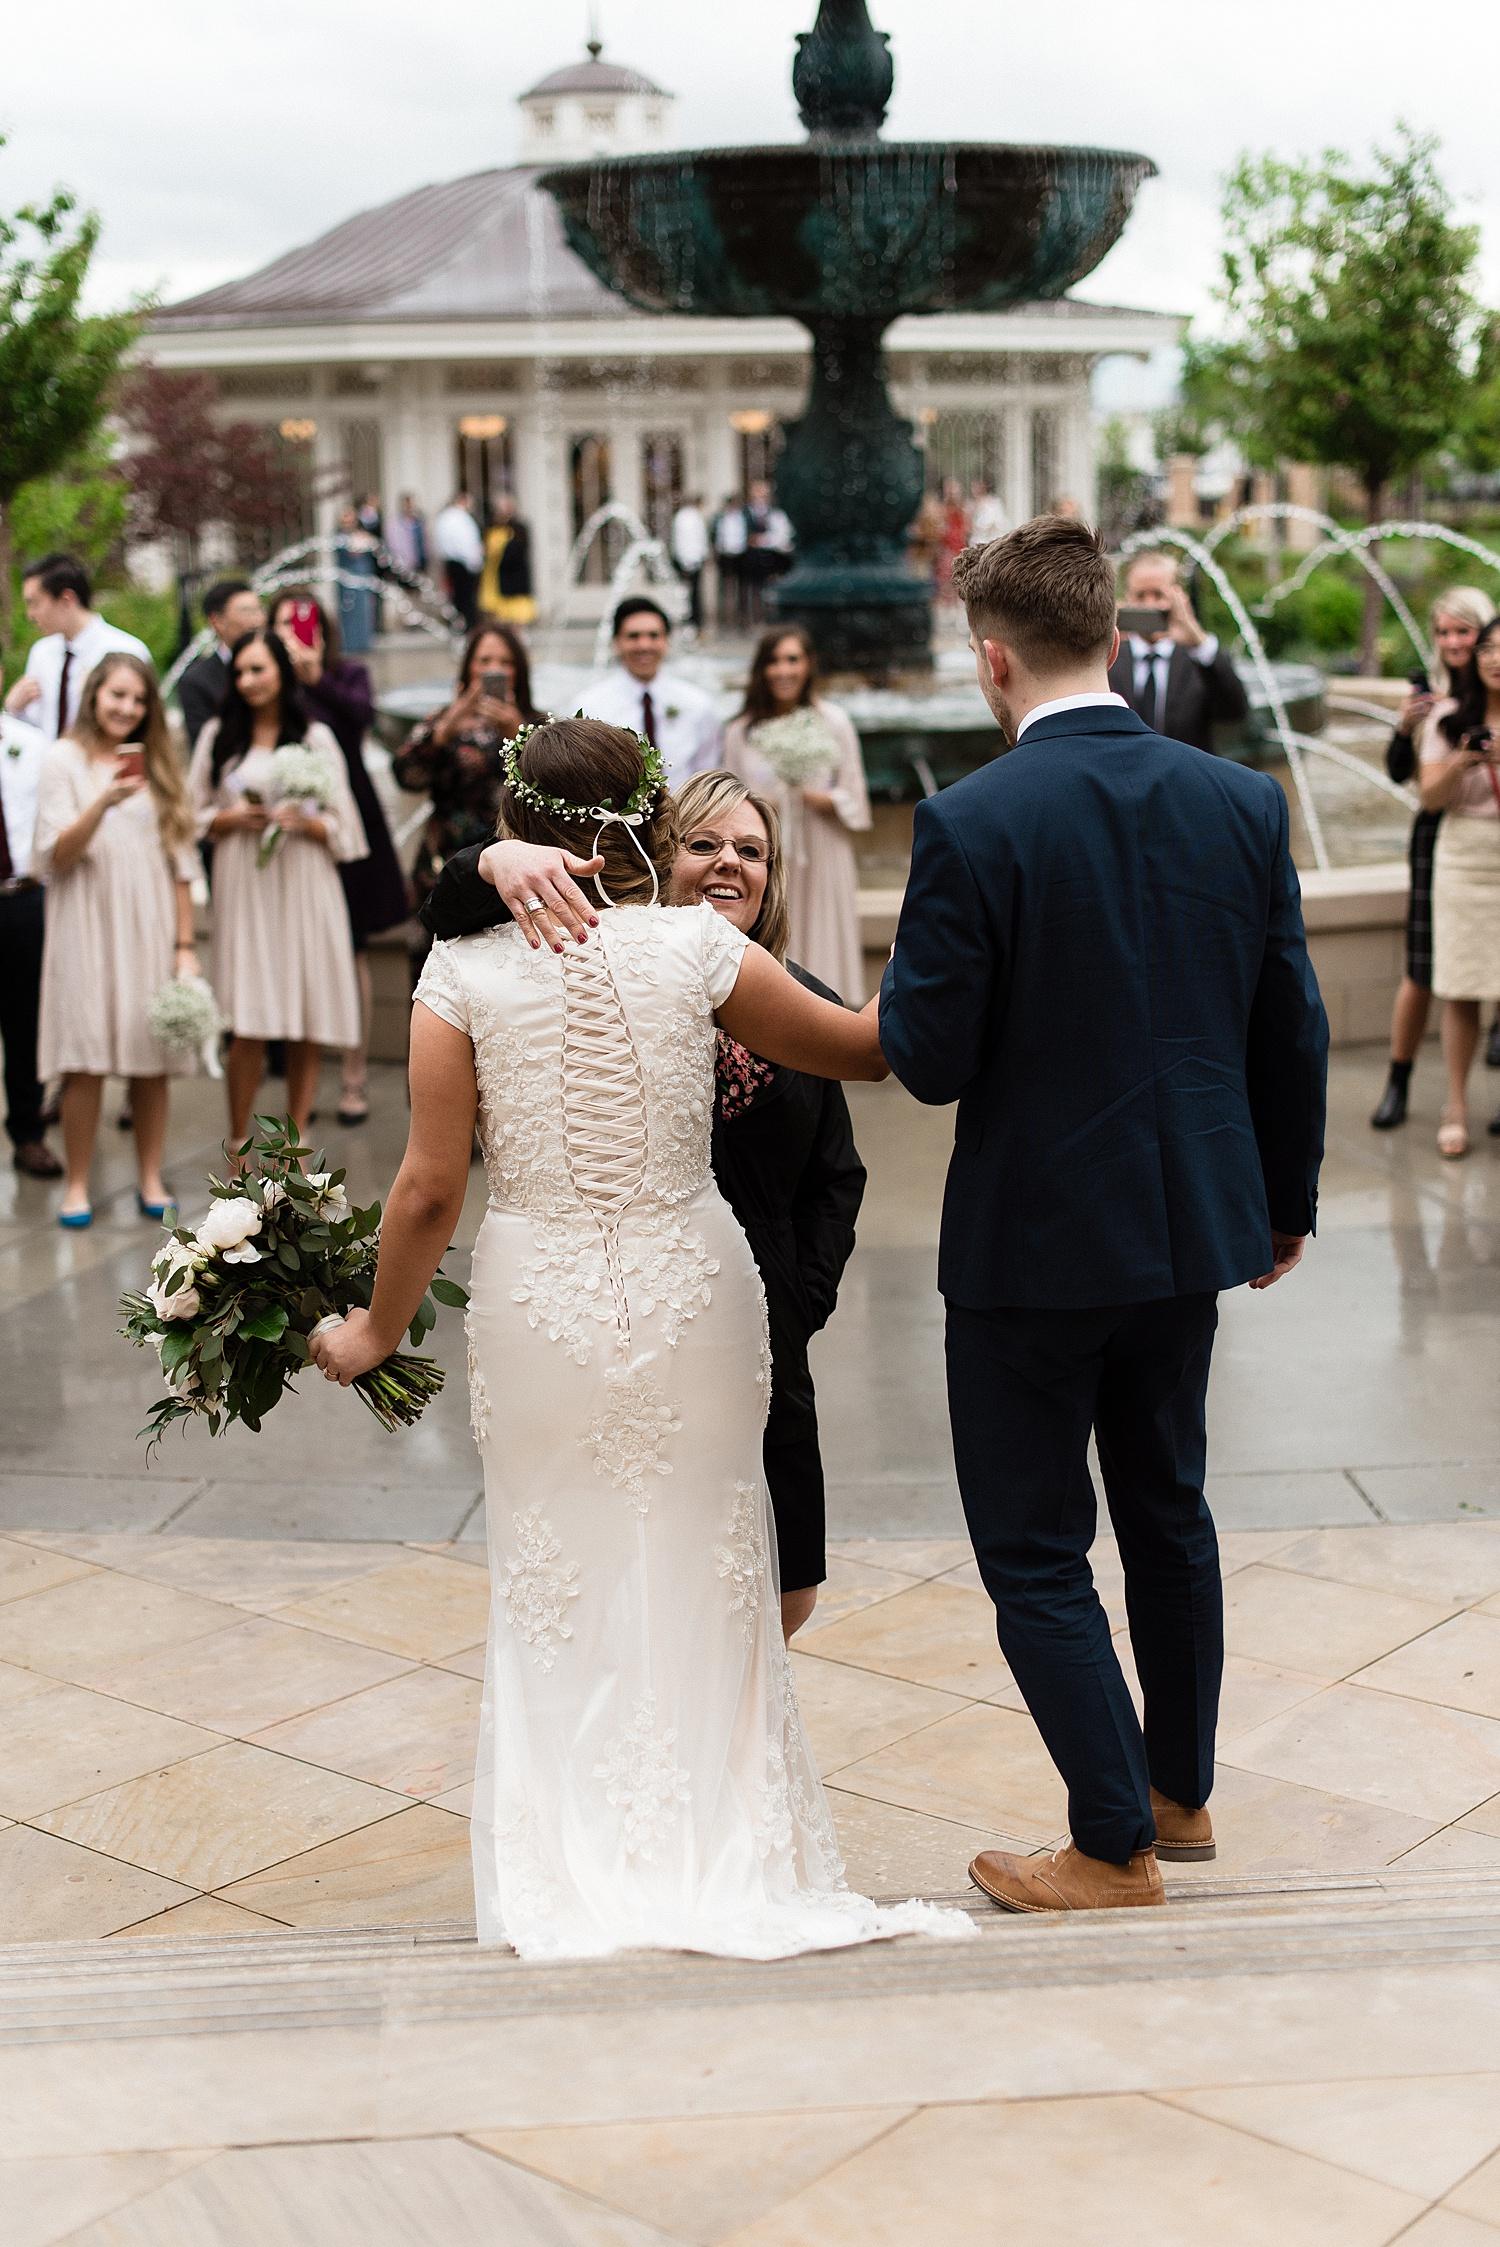 Zandra Barriga Photo - Dallas and Megan Wedding_0005.jpg